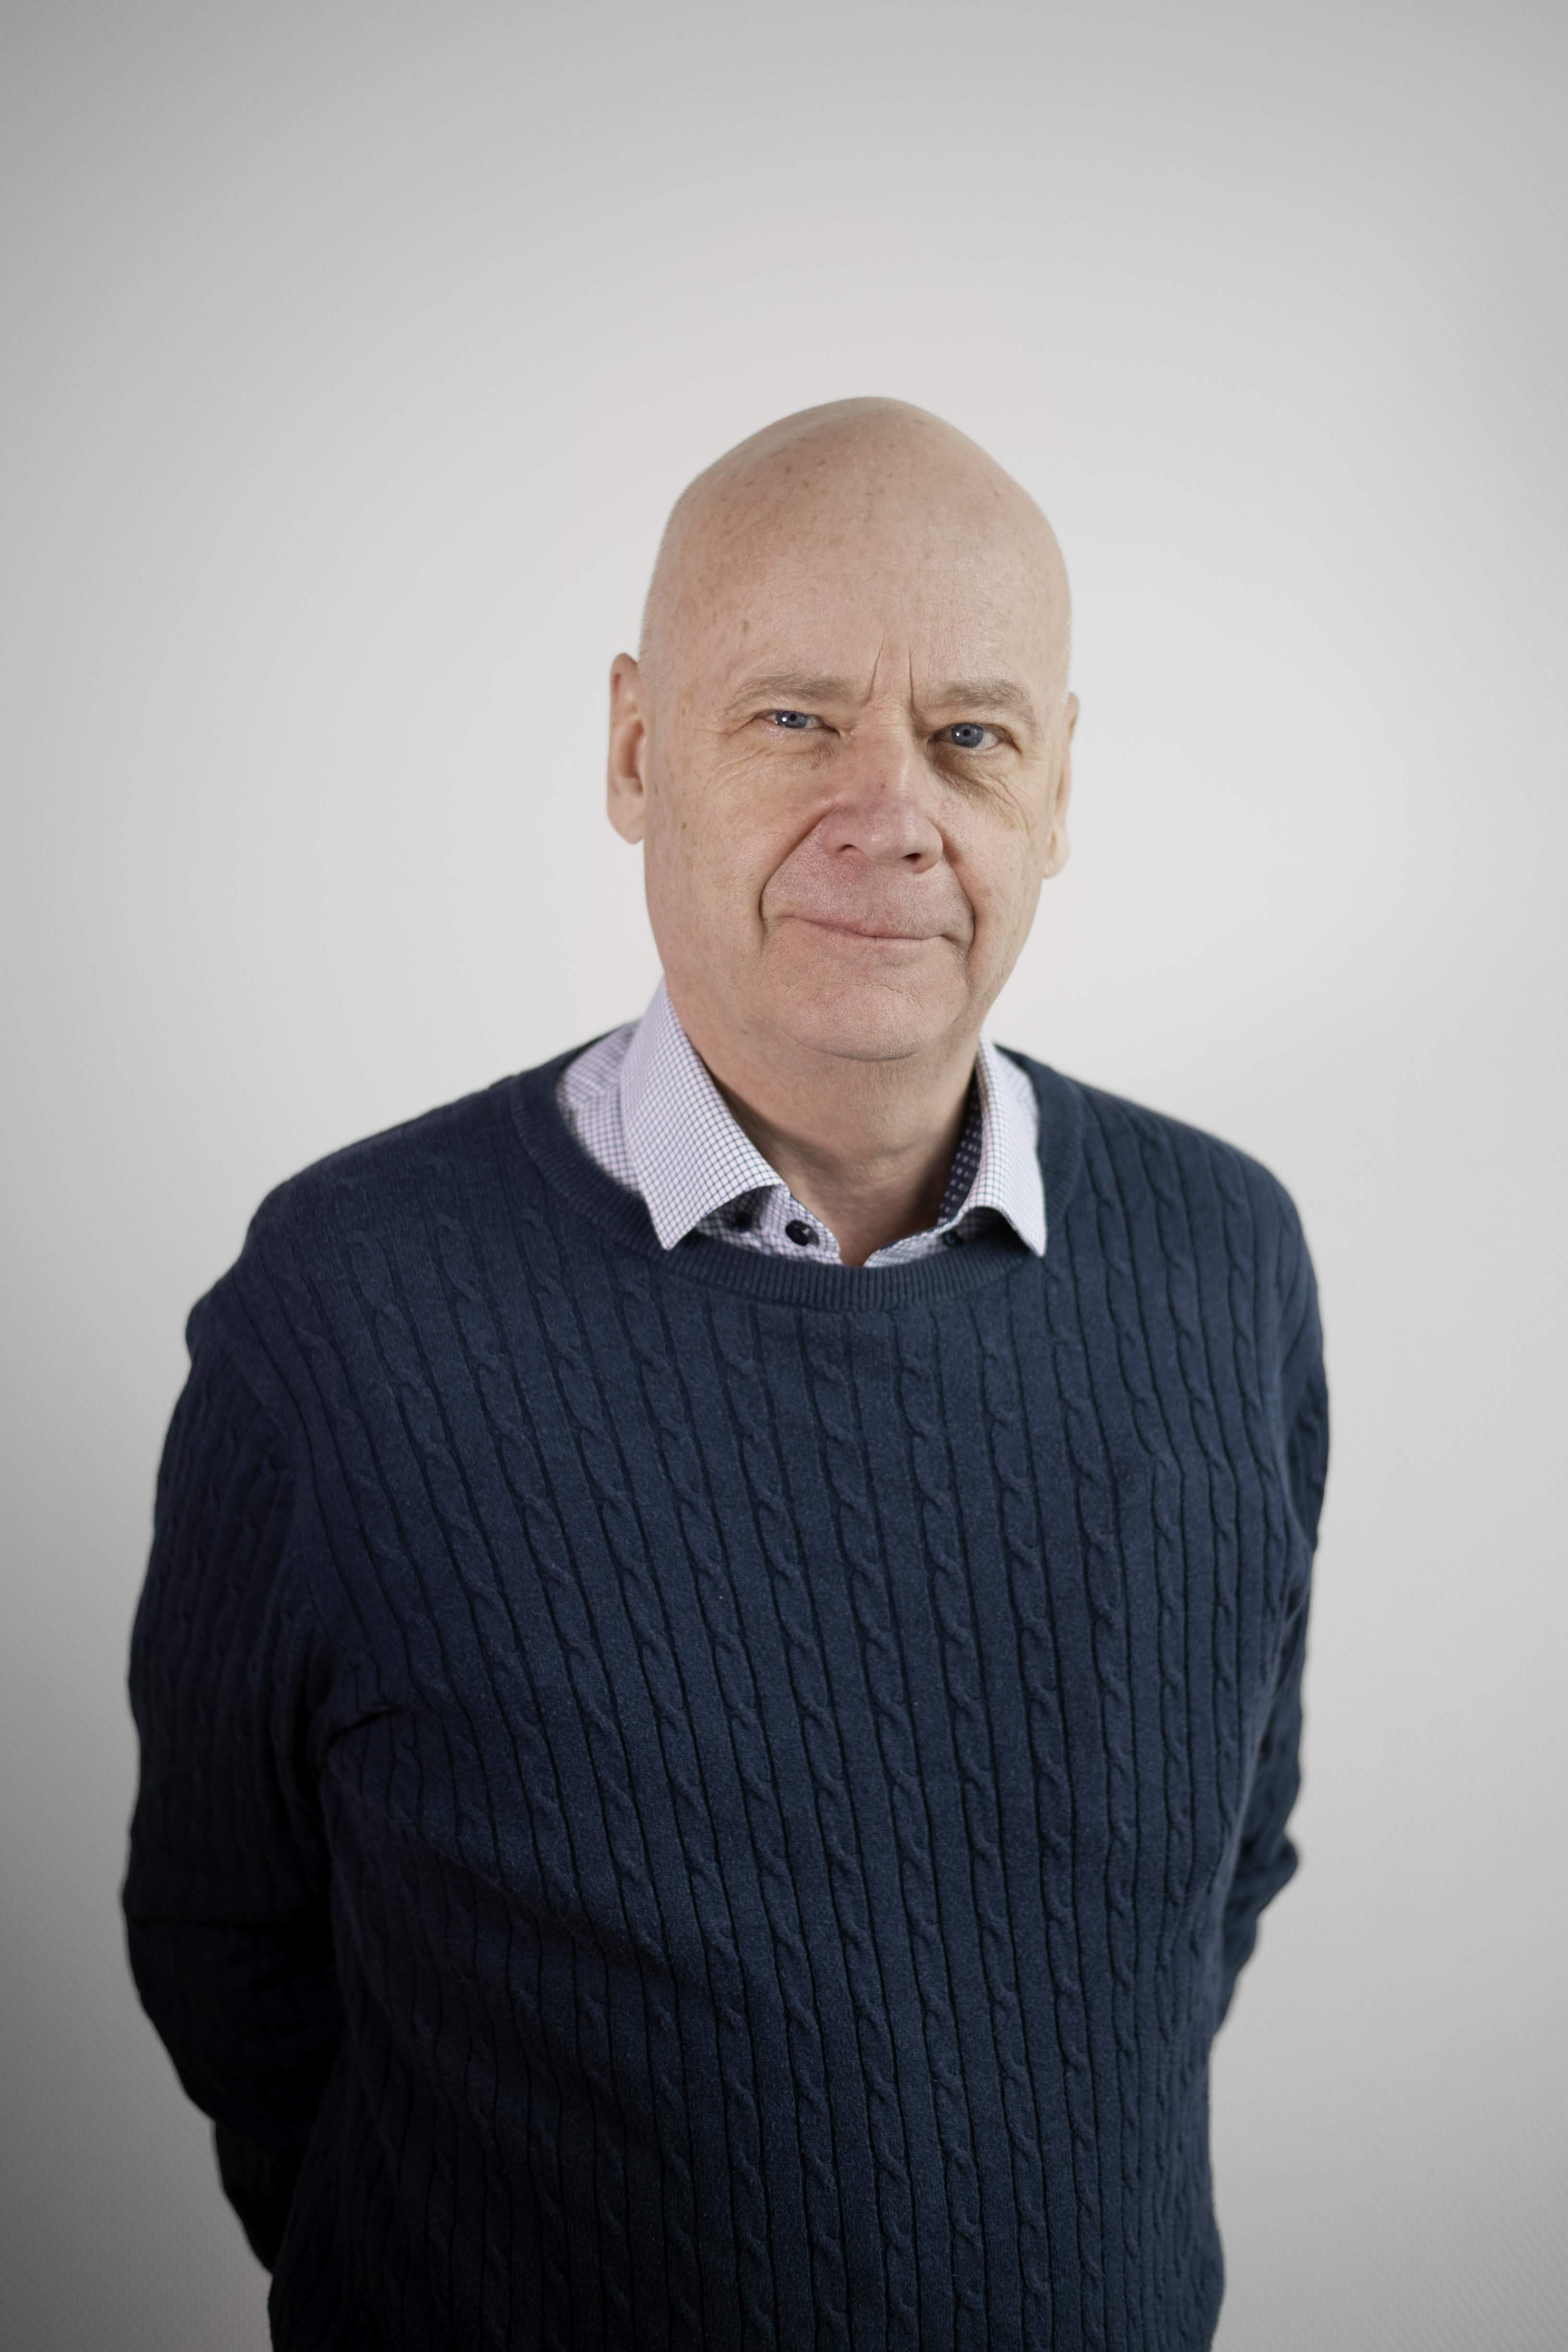 Bengt Häggmark